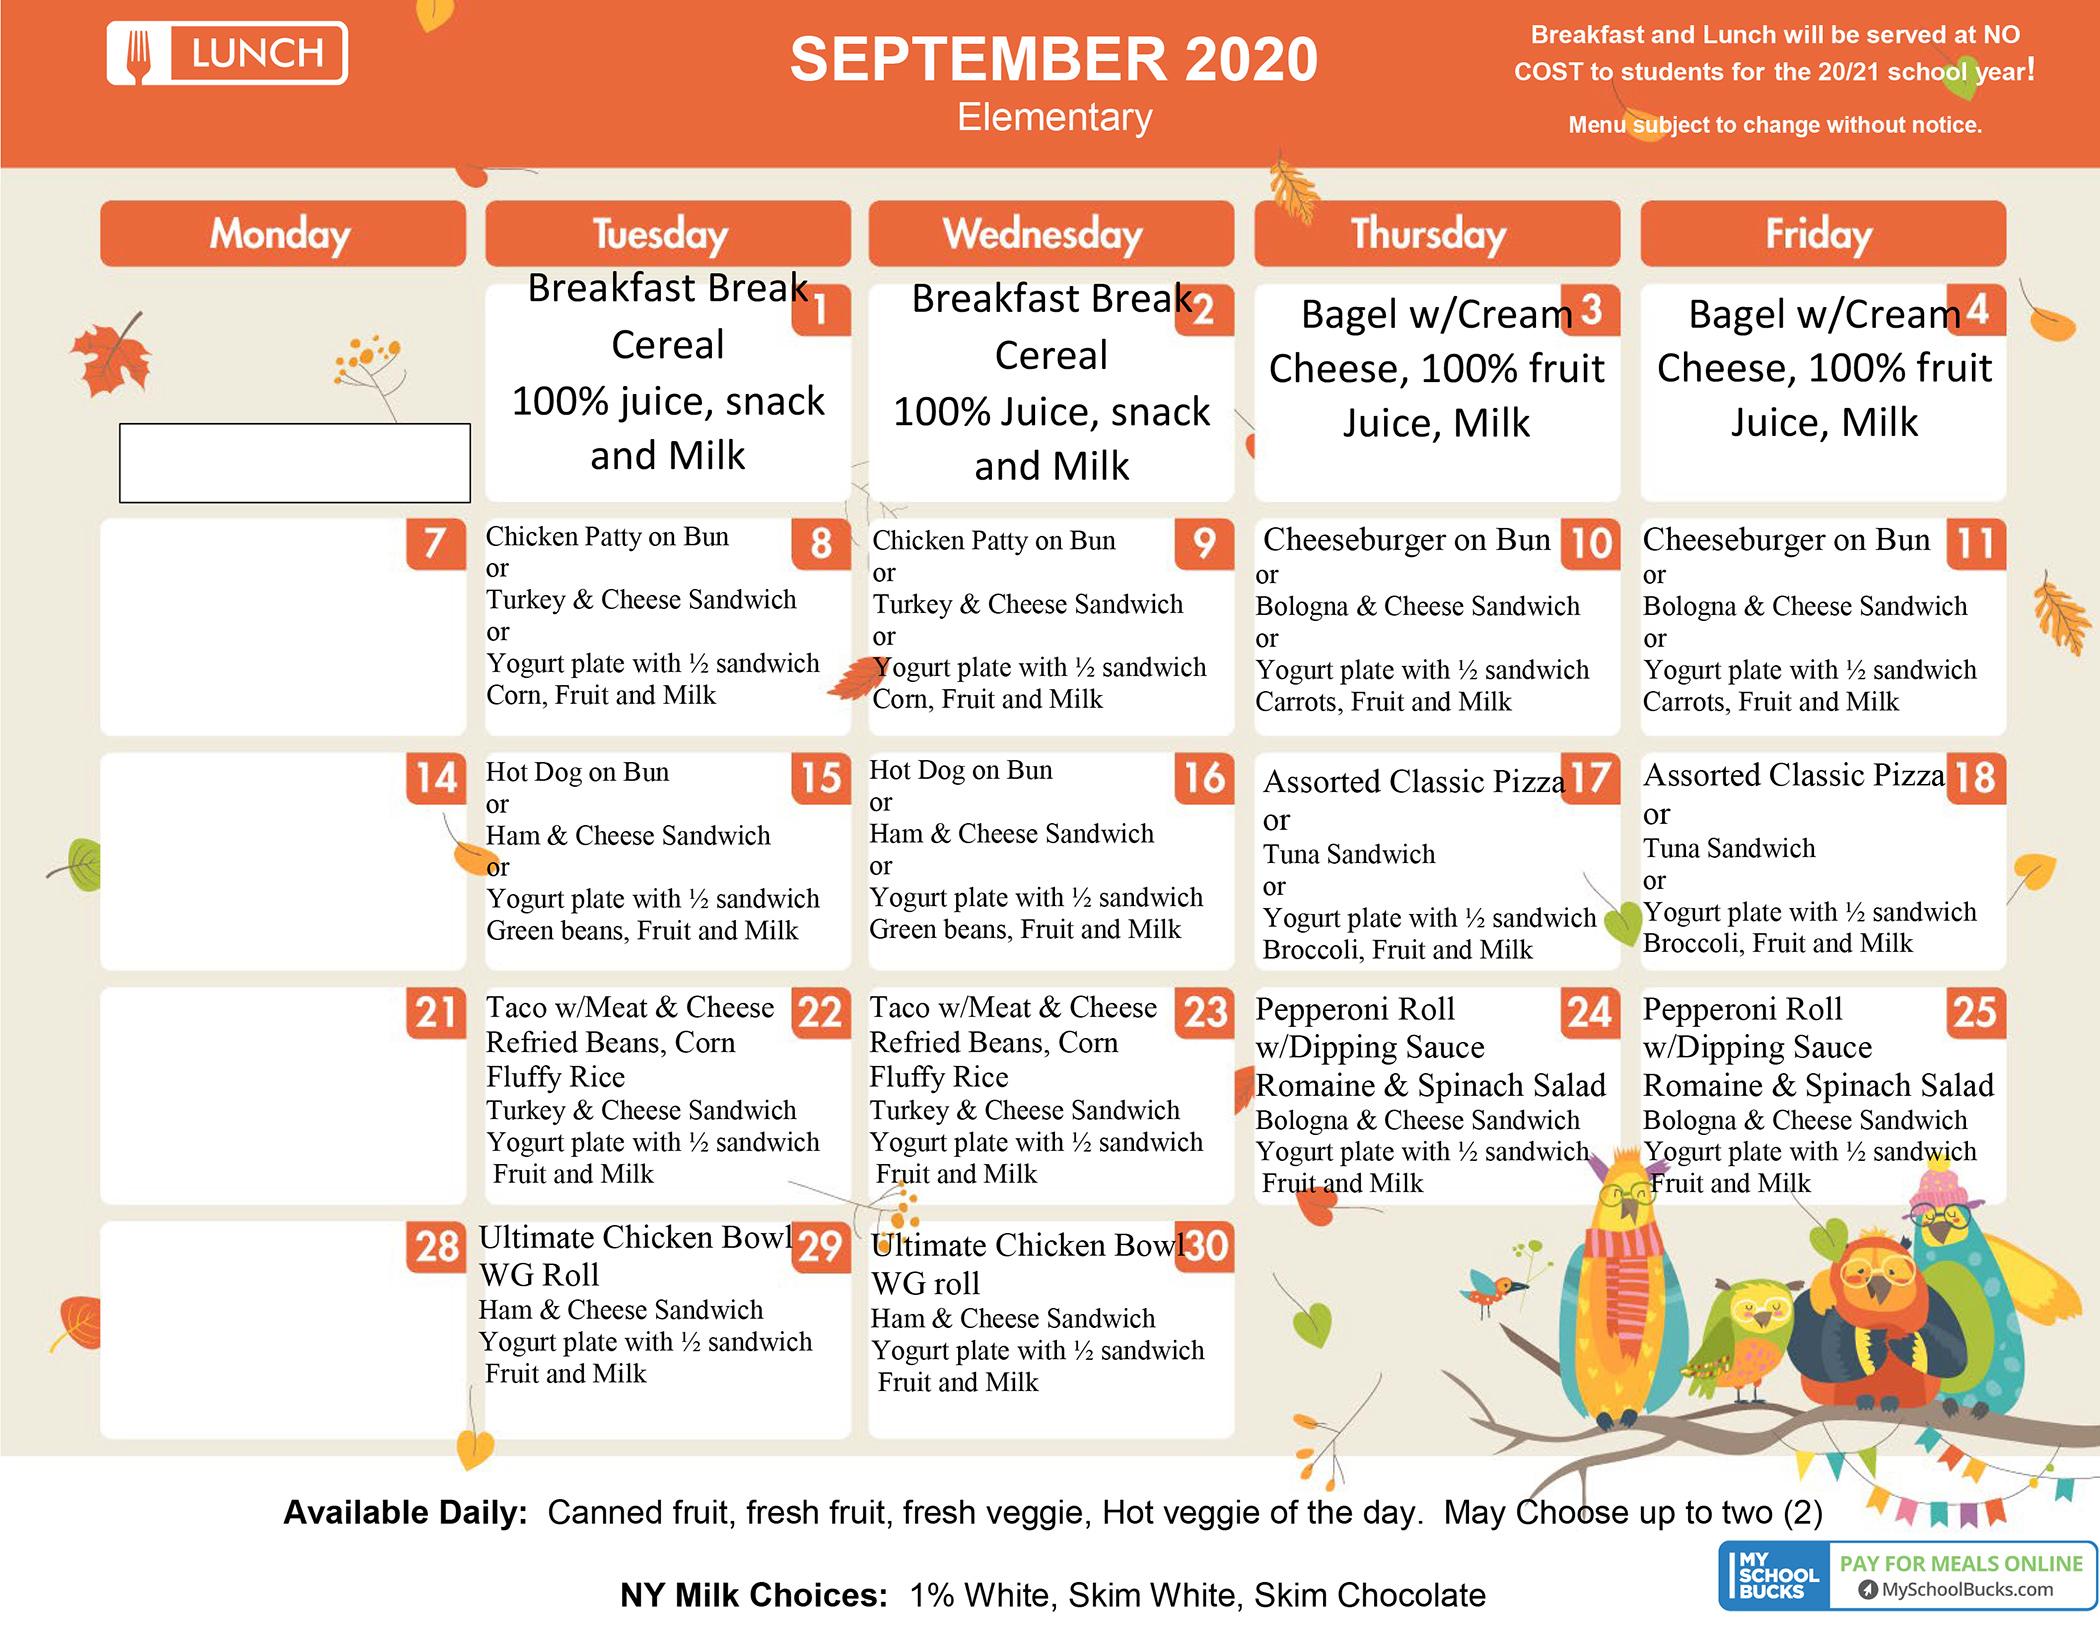 S-E September 2020 Menu - Elementary